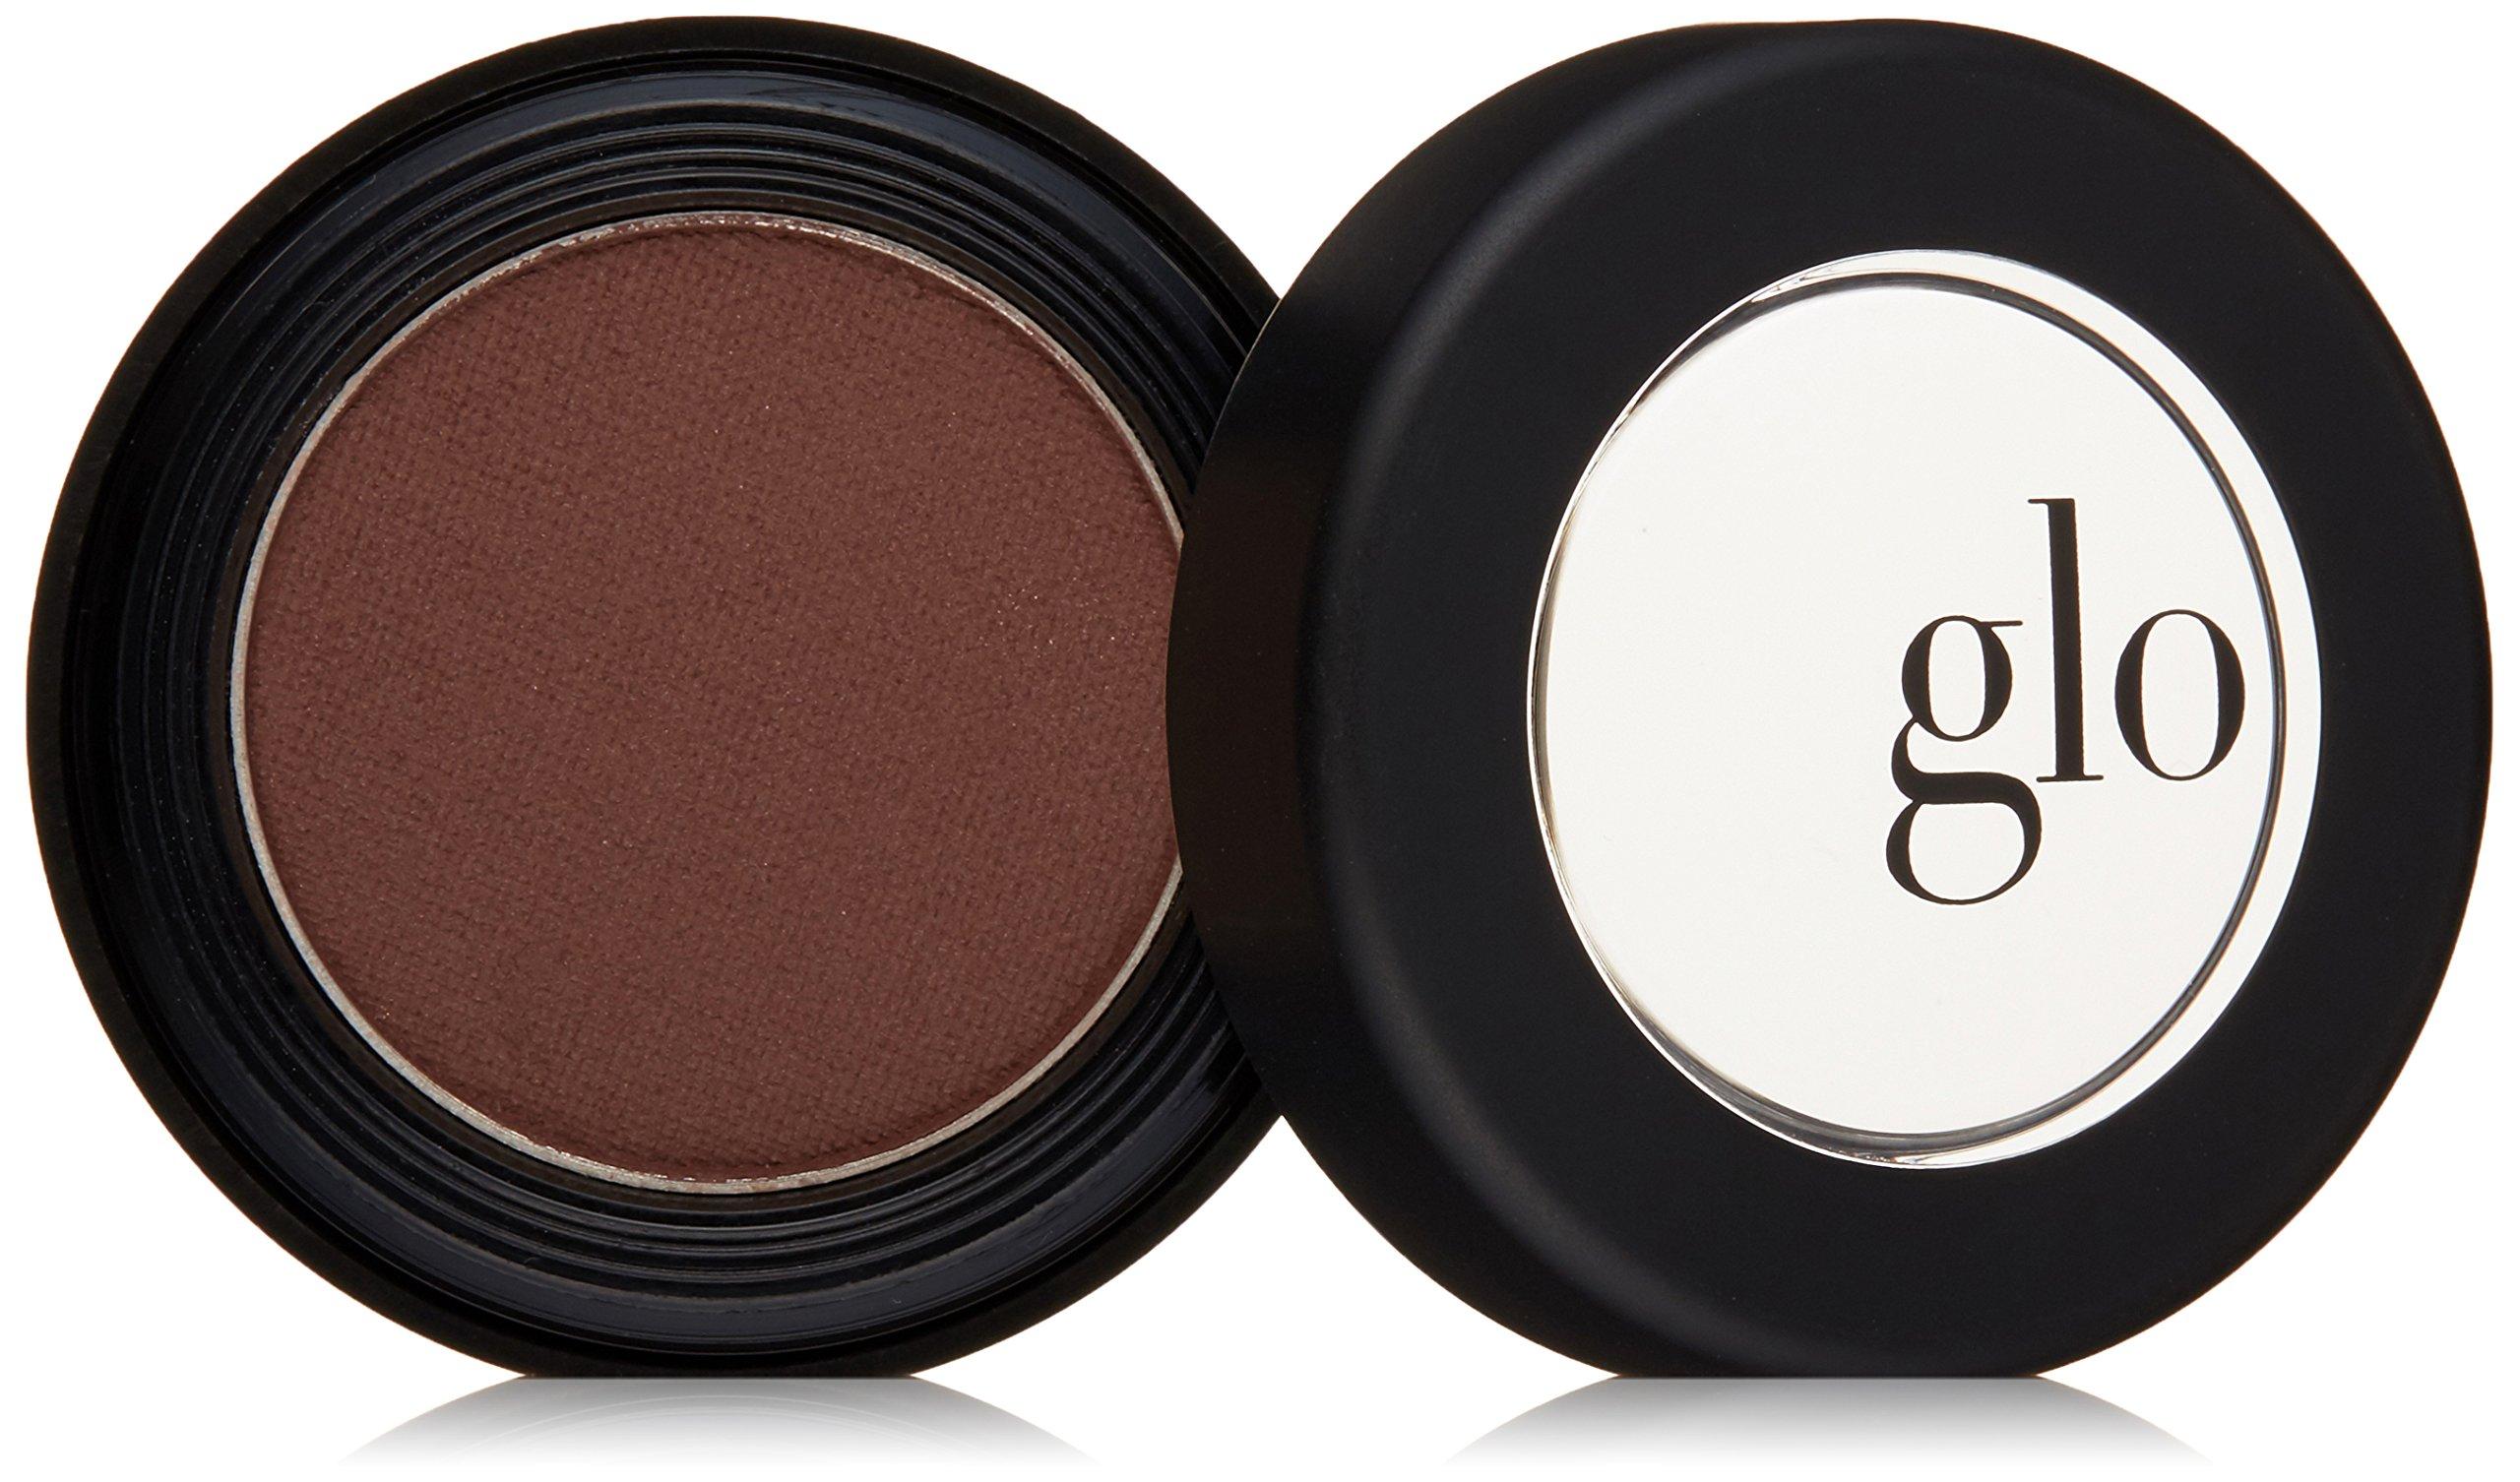 Glo Skin Beauty Eye Shadow - Mahogany - Mineral Makeup Eyeshadow, 12 Shades | Talc Free, Cruelty Free